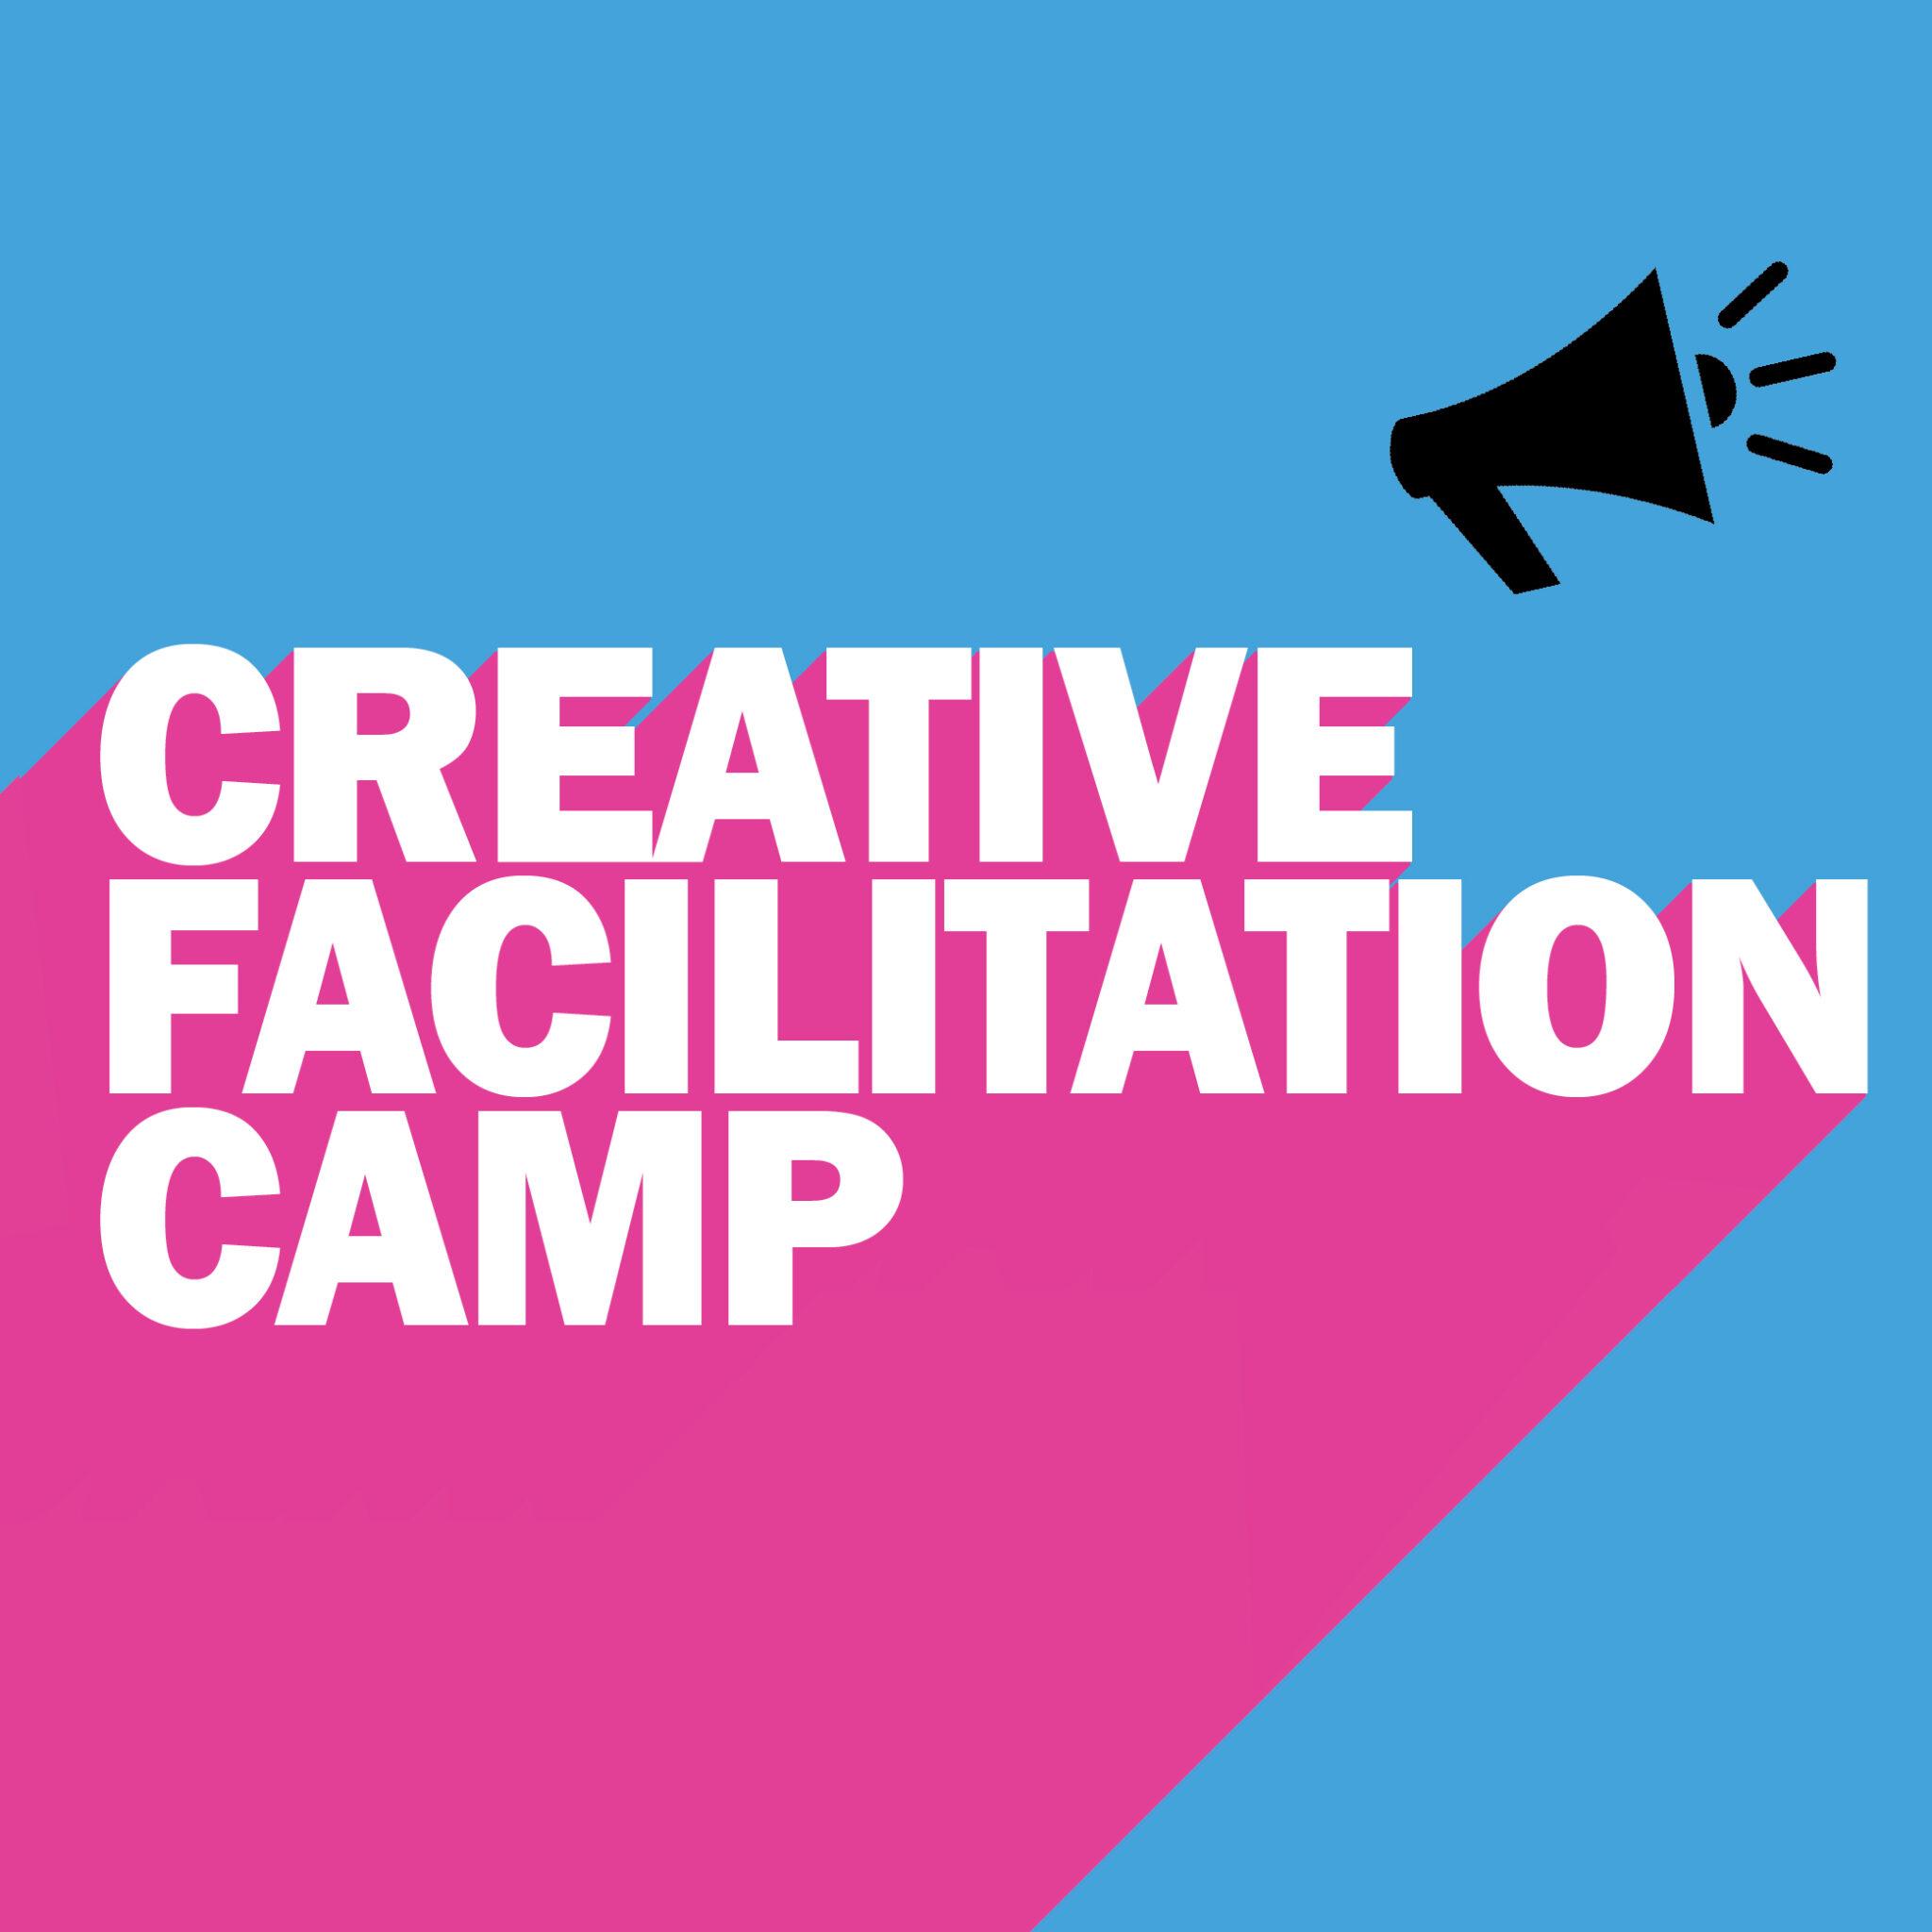 Creative Facilitation Camp, 2021